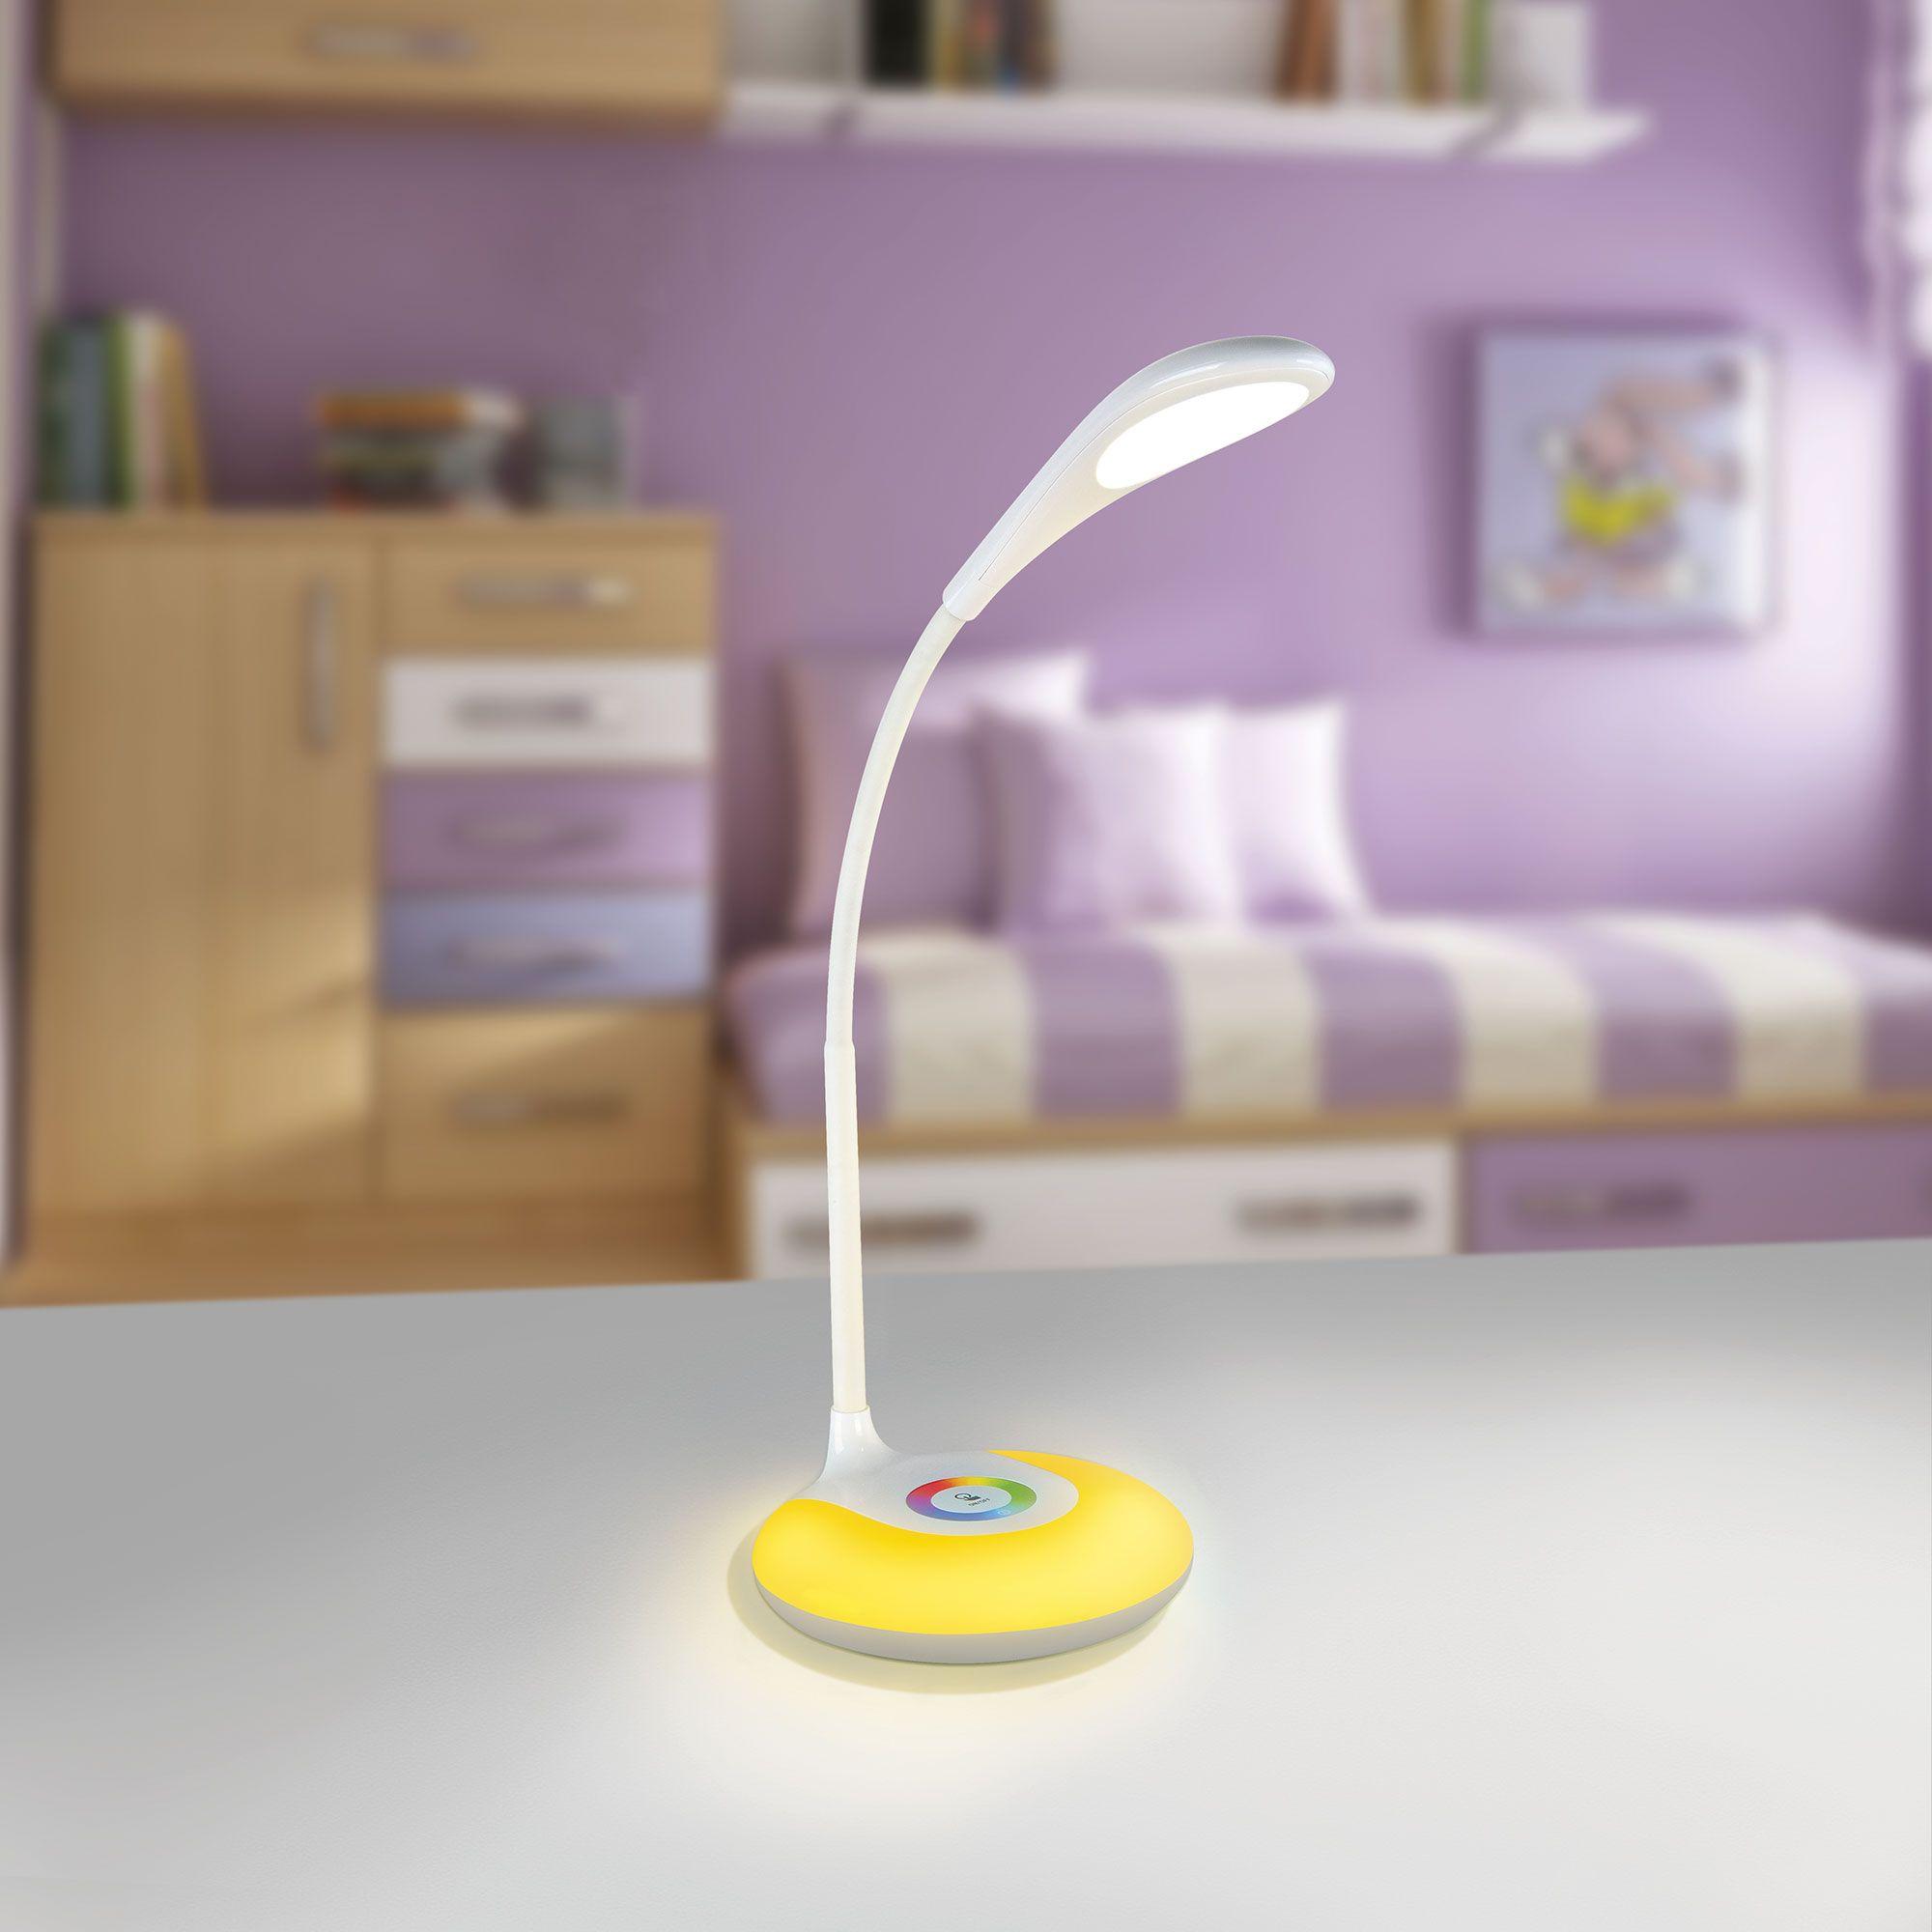 Настольная лампа с подсветкой TL90330 Сandy